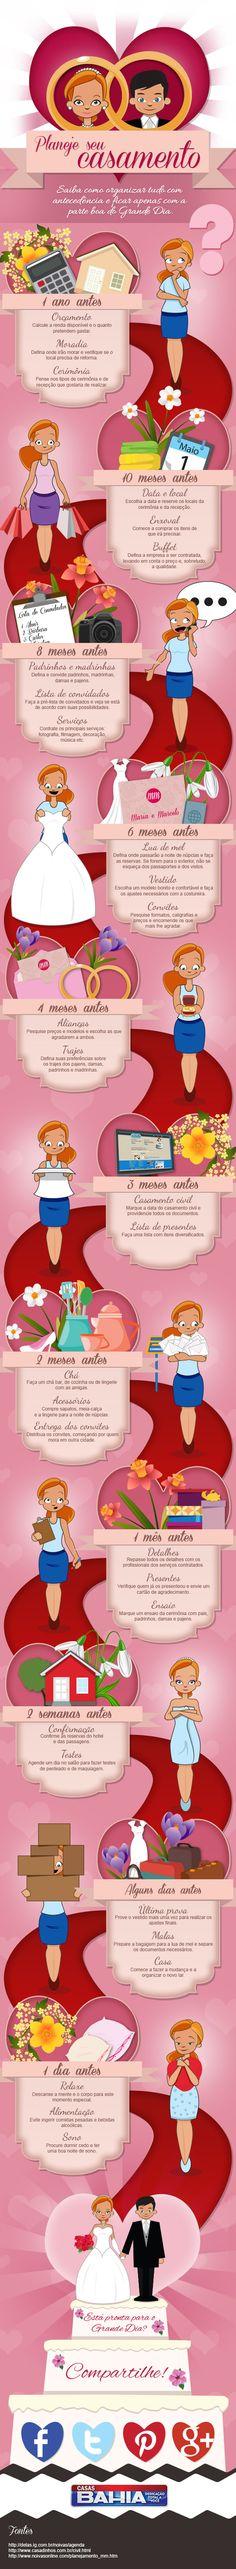 Planejamento | Blog do Casamento - O blog da noiva criativa!